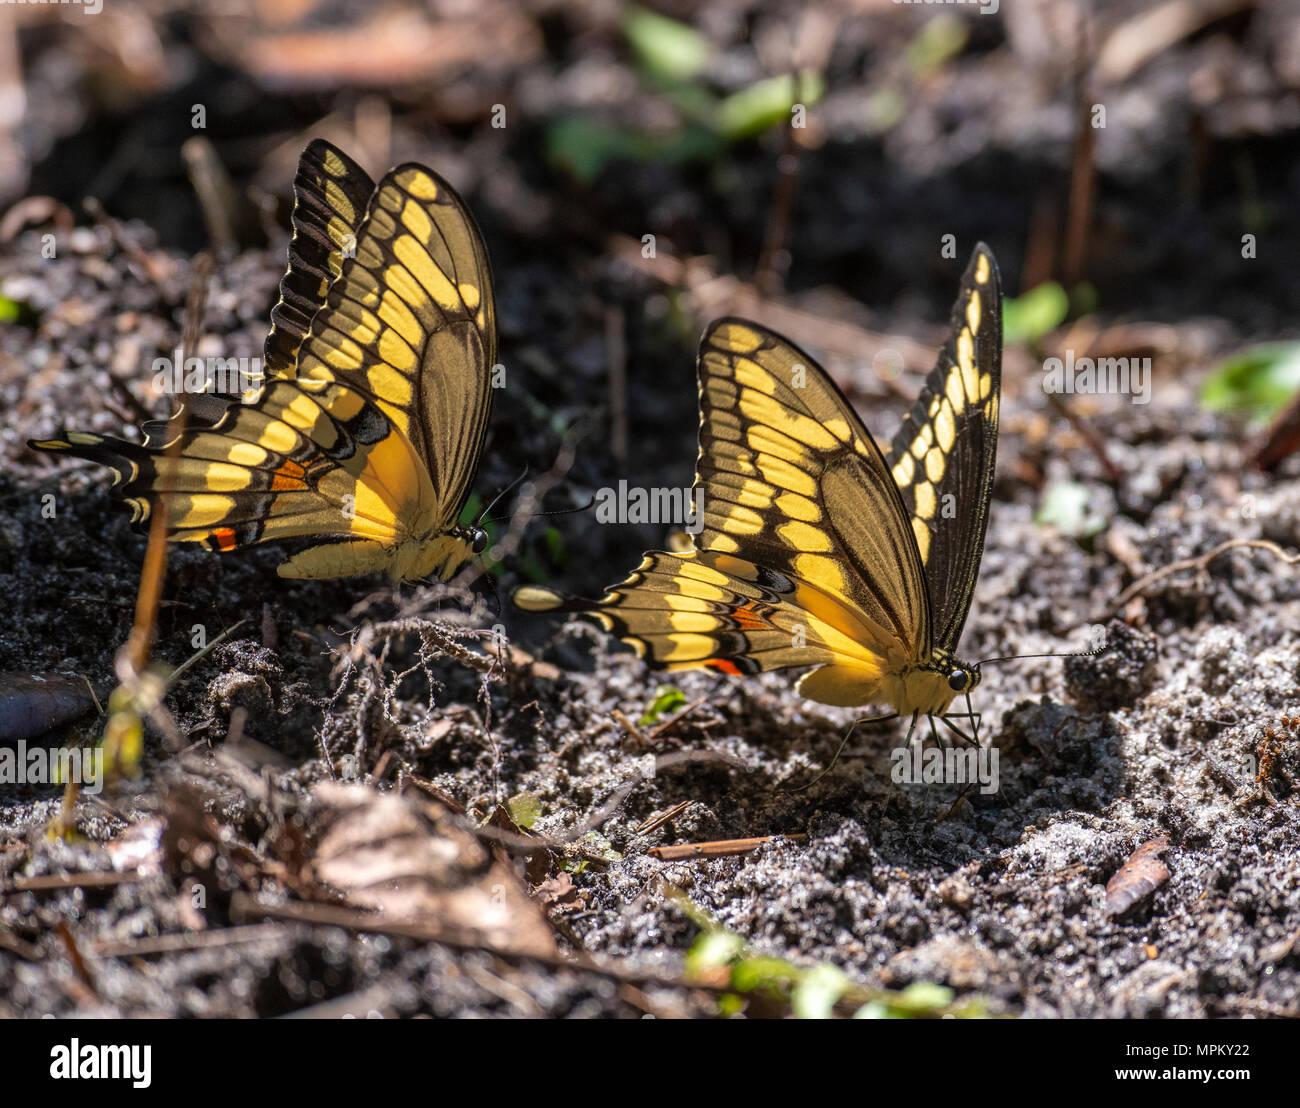 Una coppia di gigante a coda di rondine farfalle sorseggiando umidità dal suolo Immagini Stock